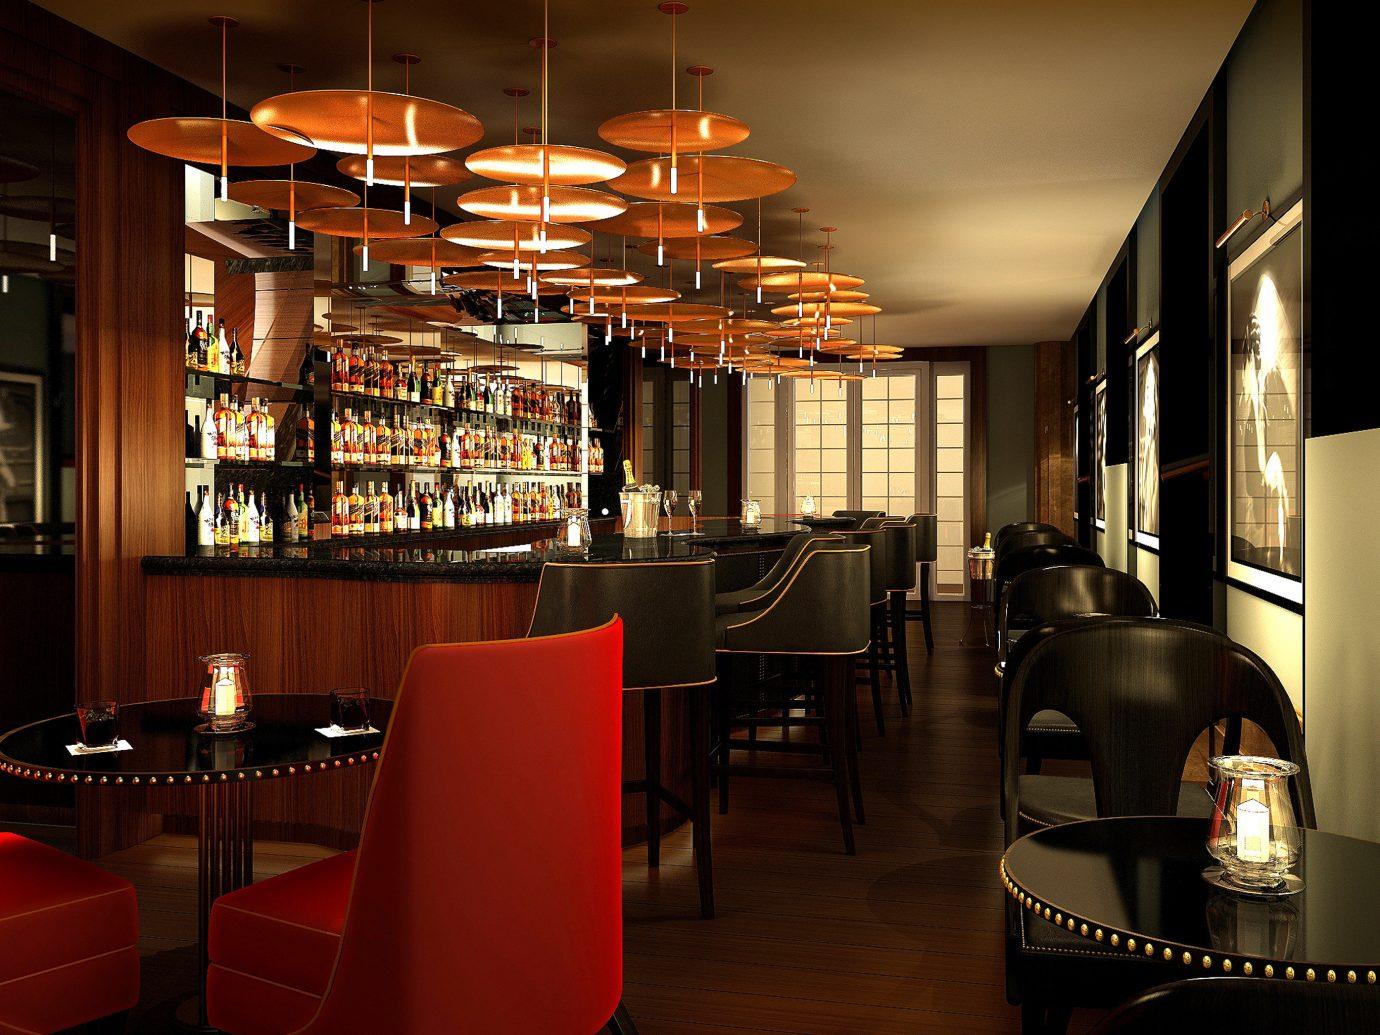 Bar at Waldorf Astoria Caledonian